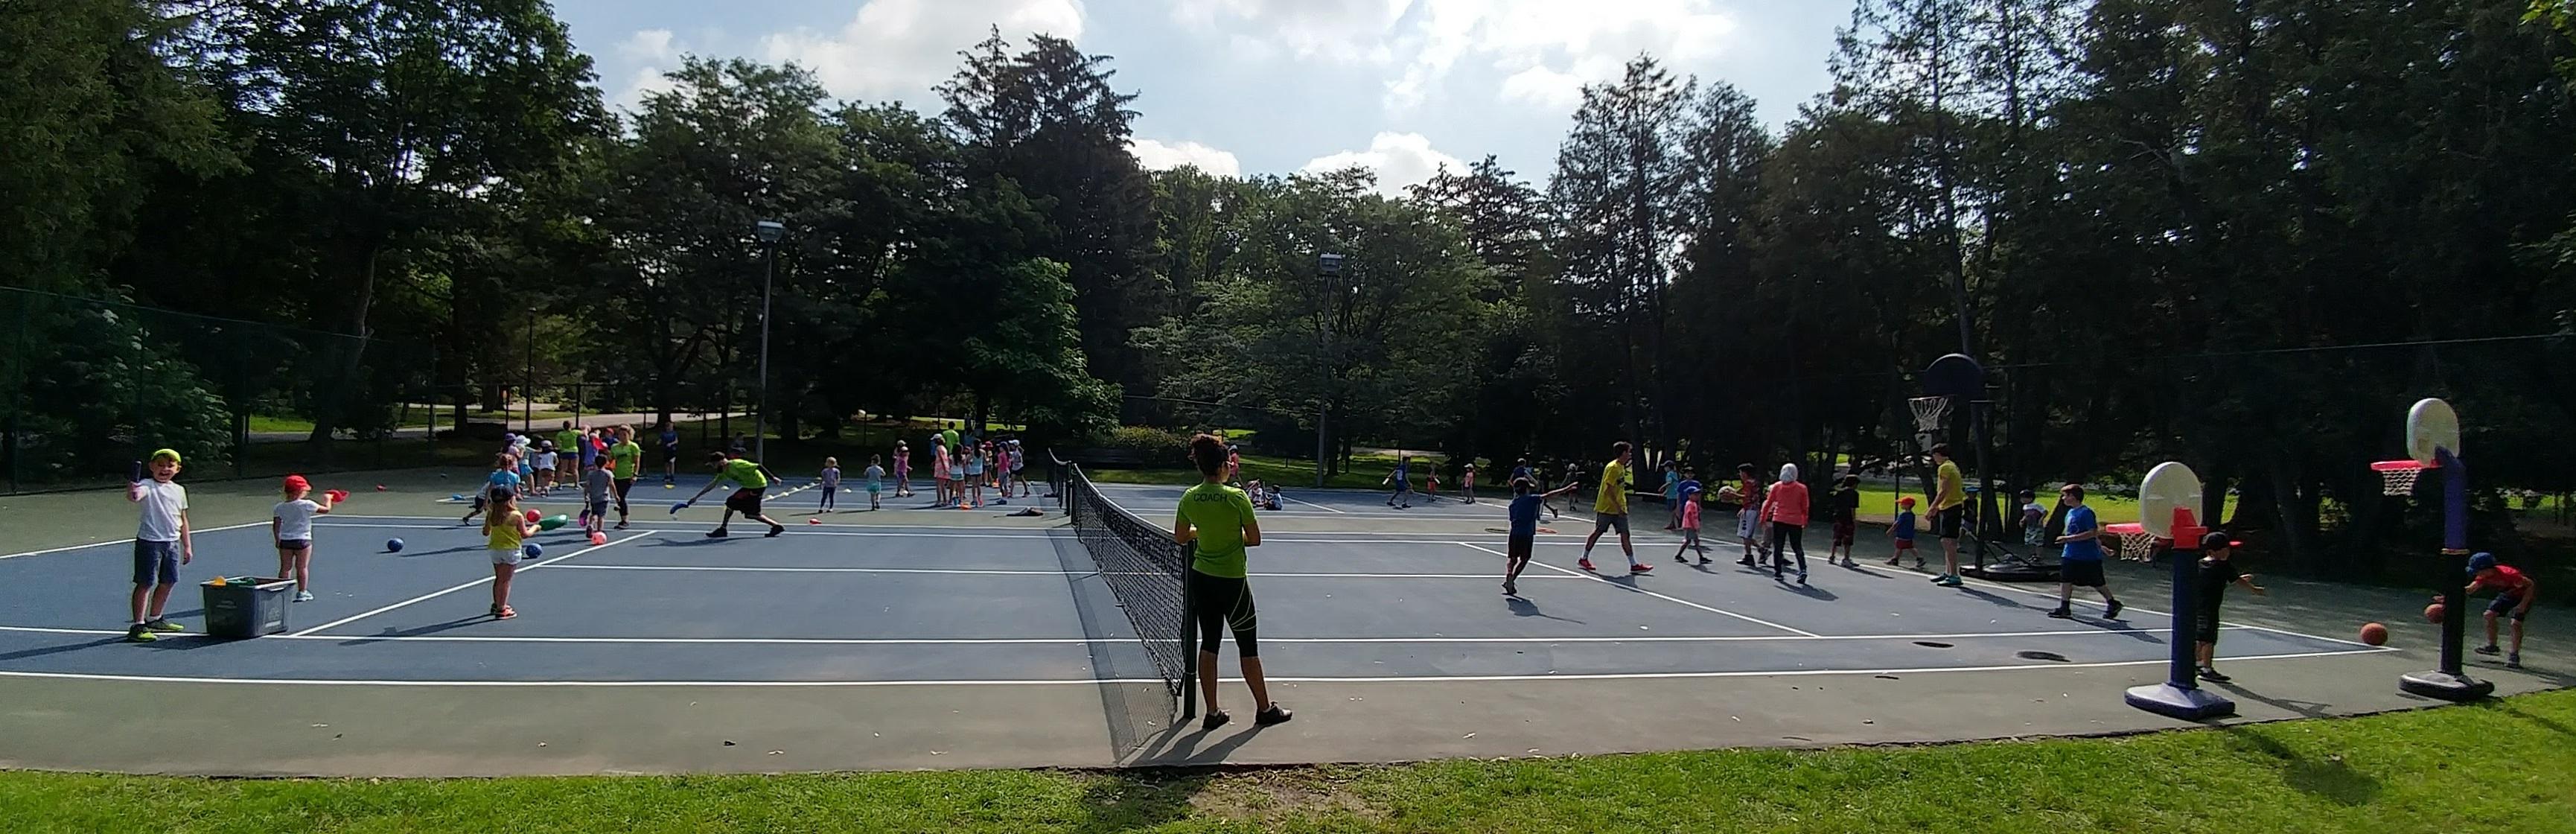 Tennis Court Games